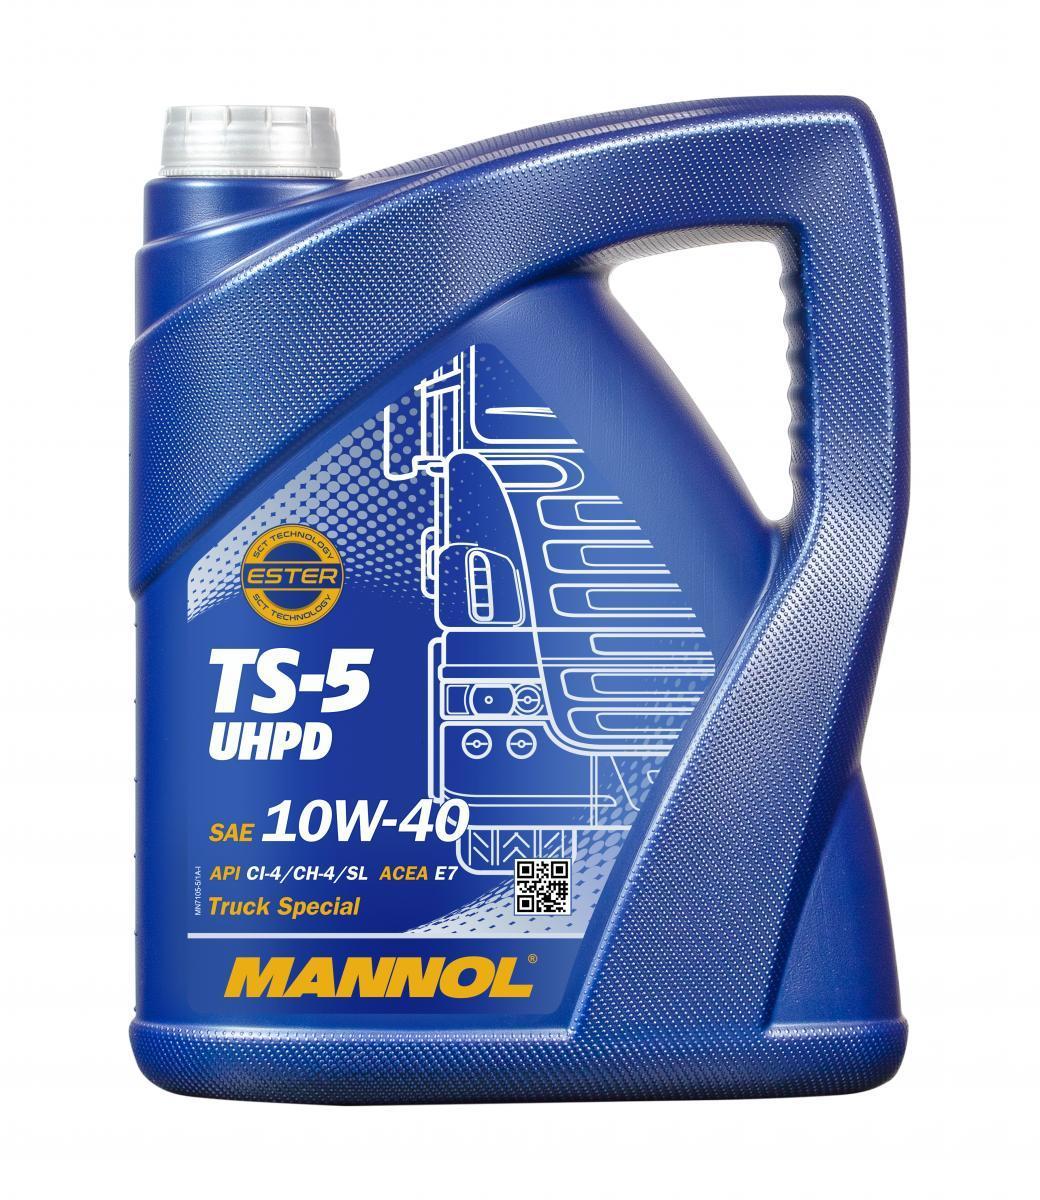 MN7105-5 MANNOL TS-5, UHPD 10W-40, 5l Motoröl MN7105-5 günstig kaufen